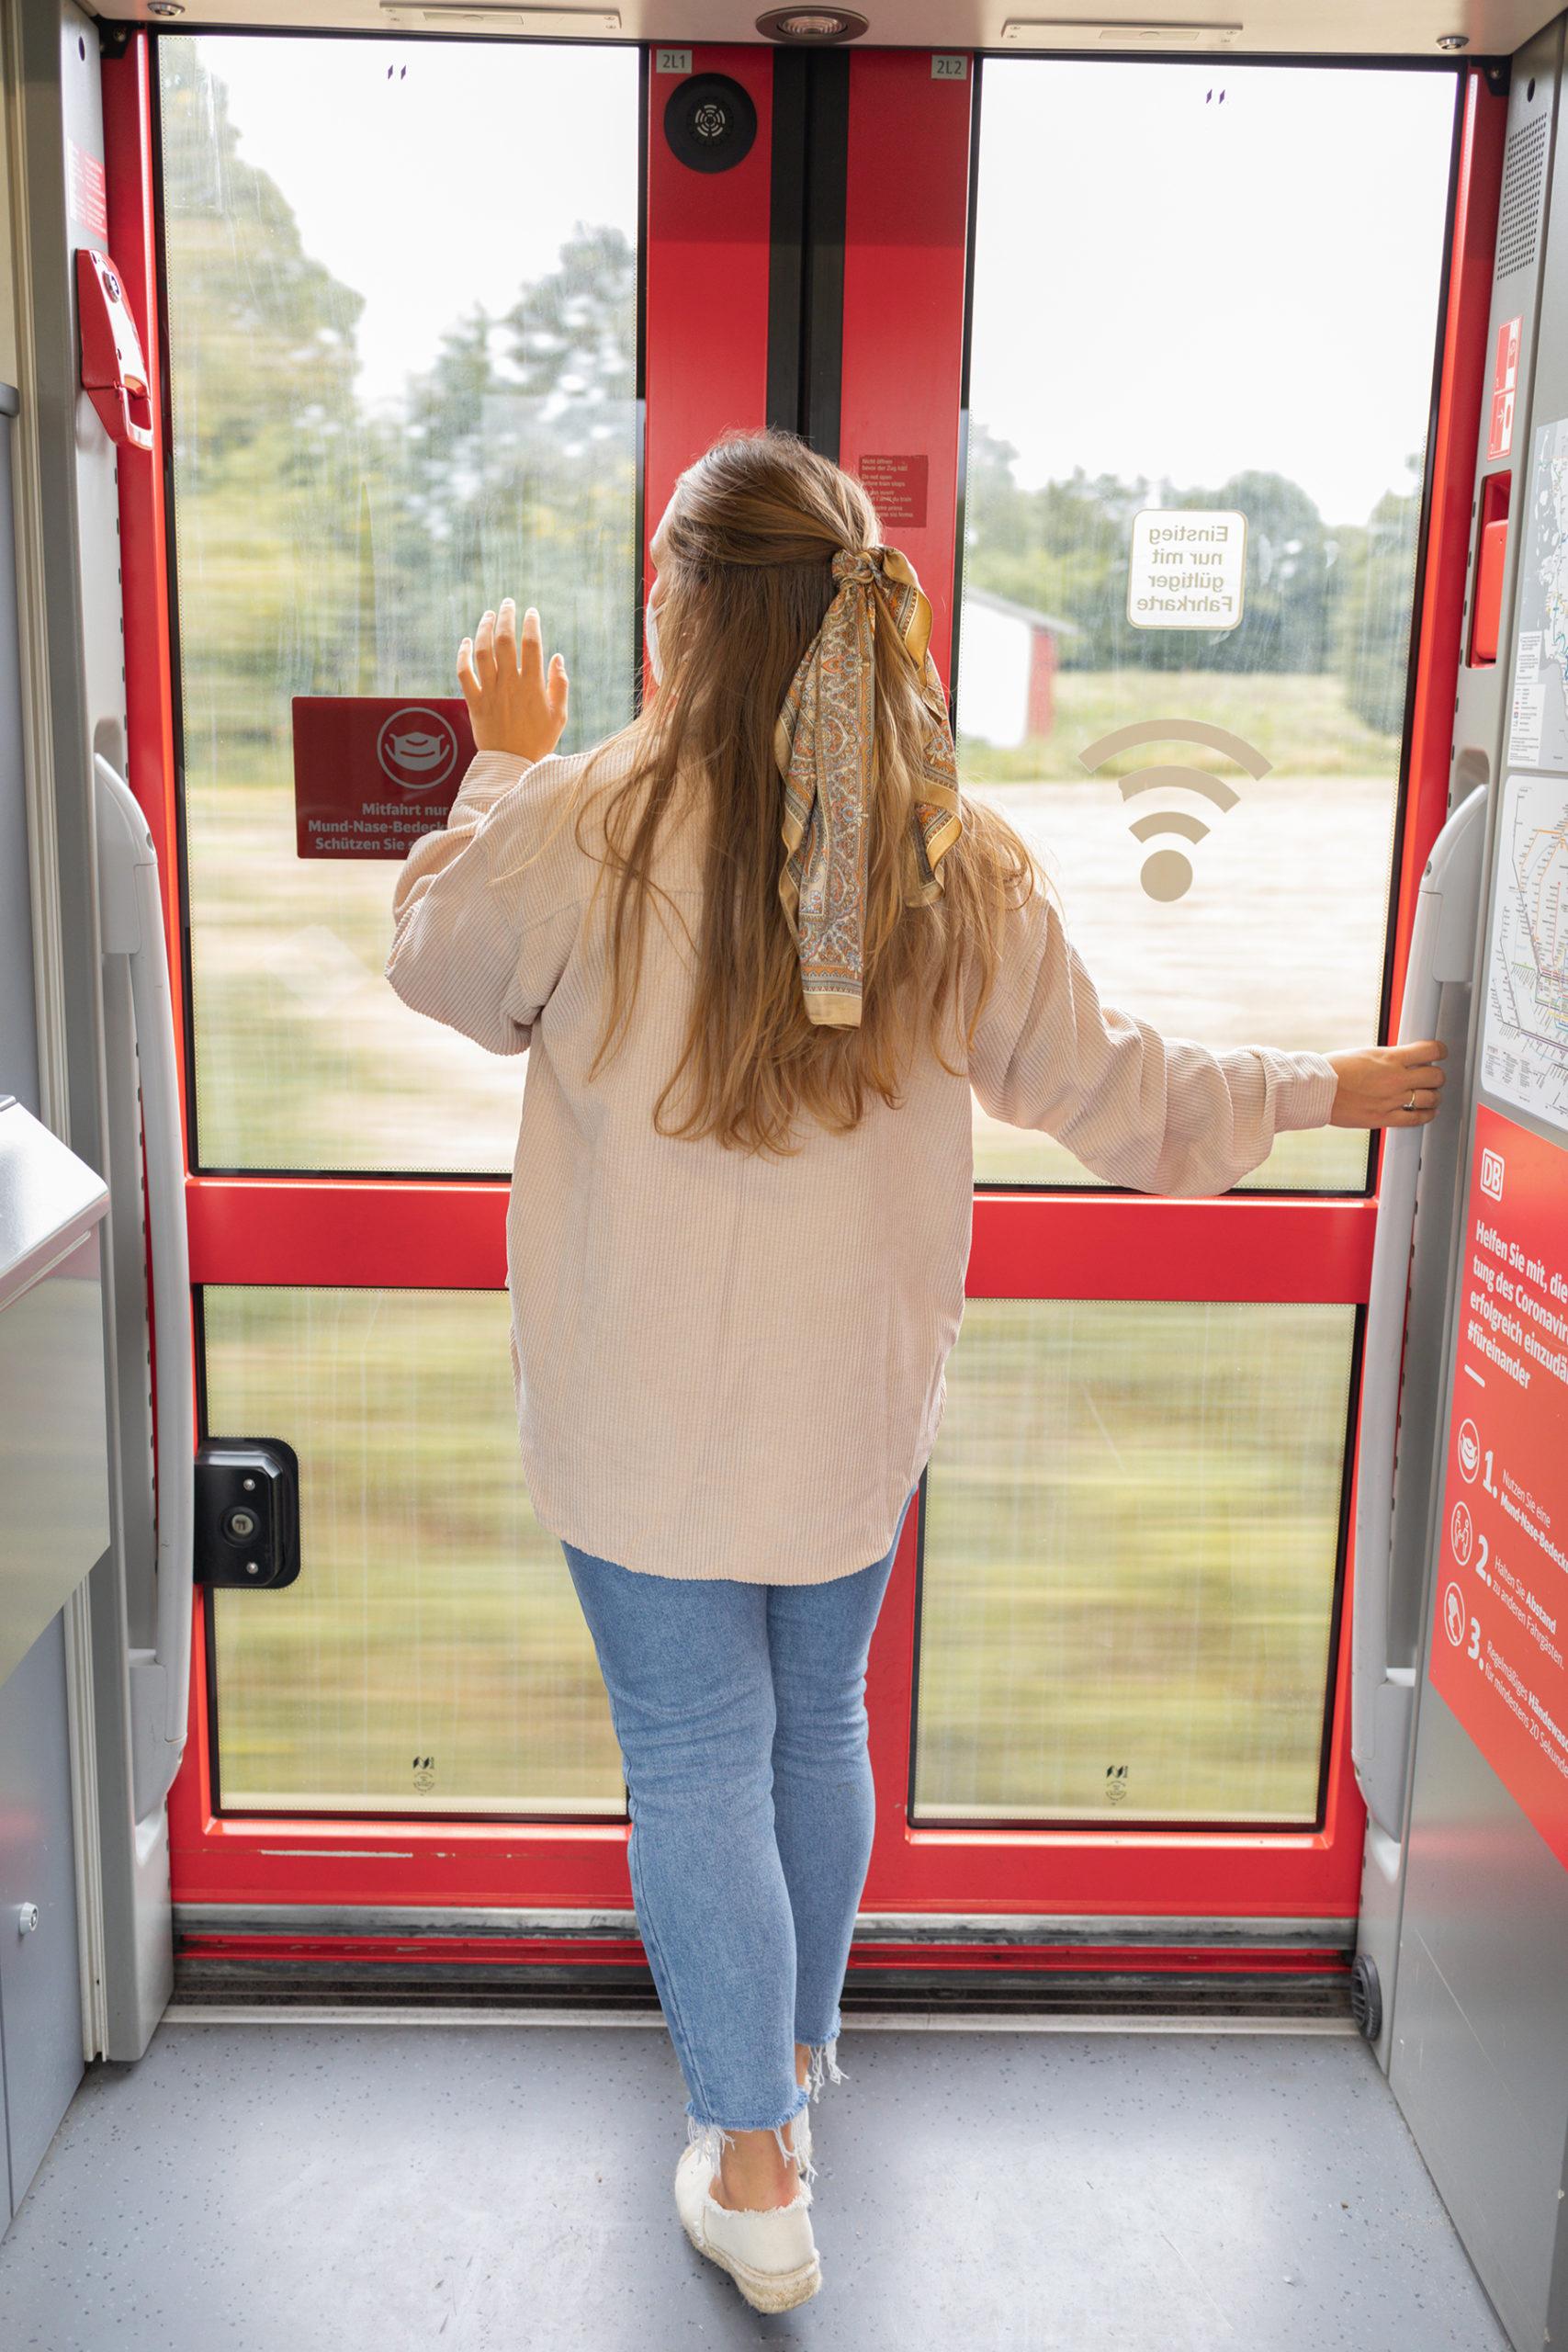 Sina im Zug vor Tür